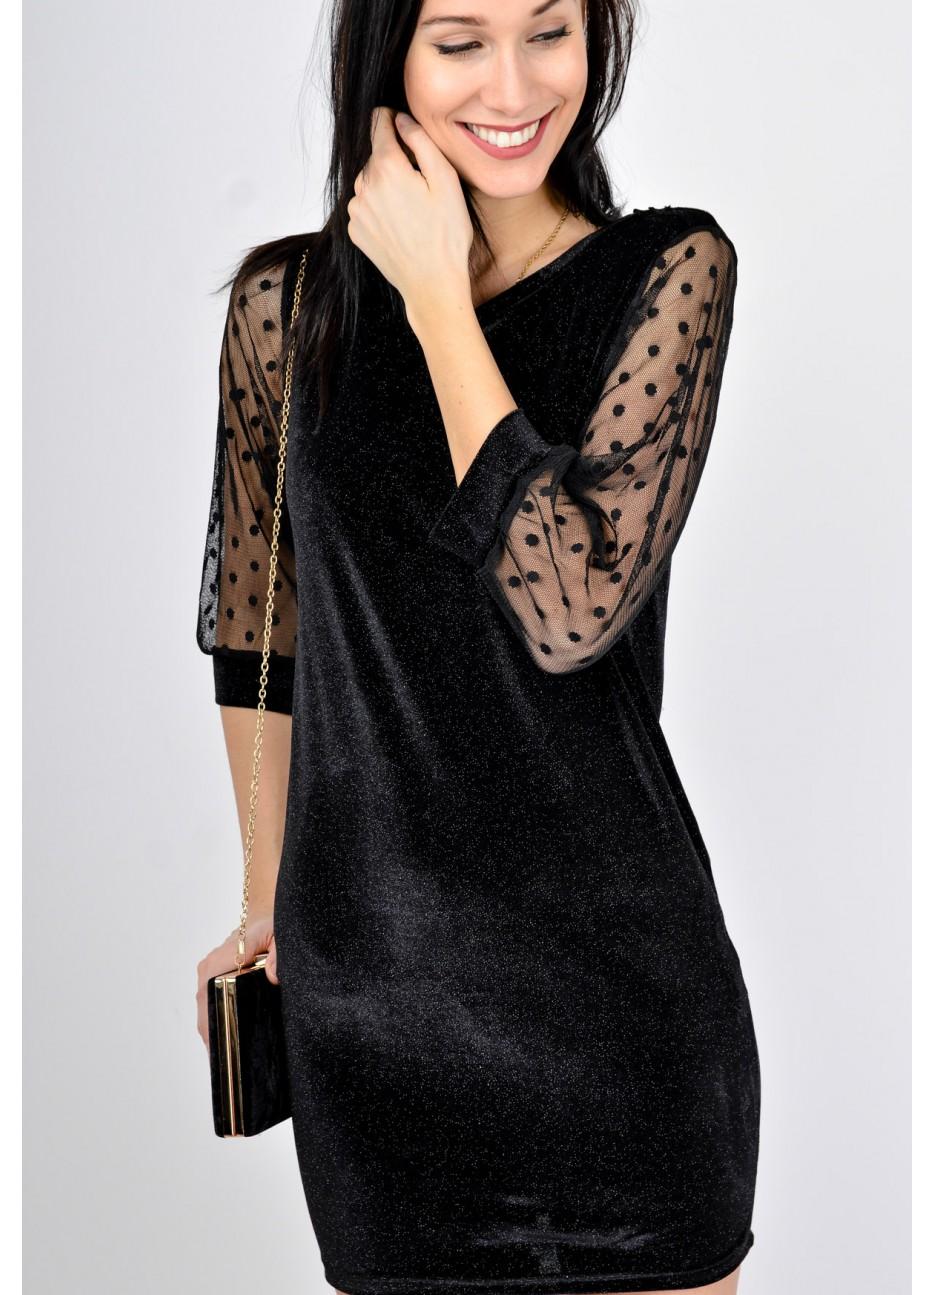 b2ac92b5164a95 Moda - ZOiO - sprawdzamy nowy sklep z odzieżą damską